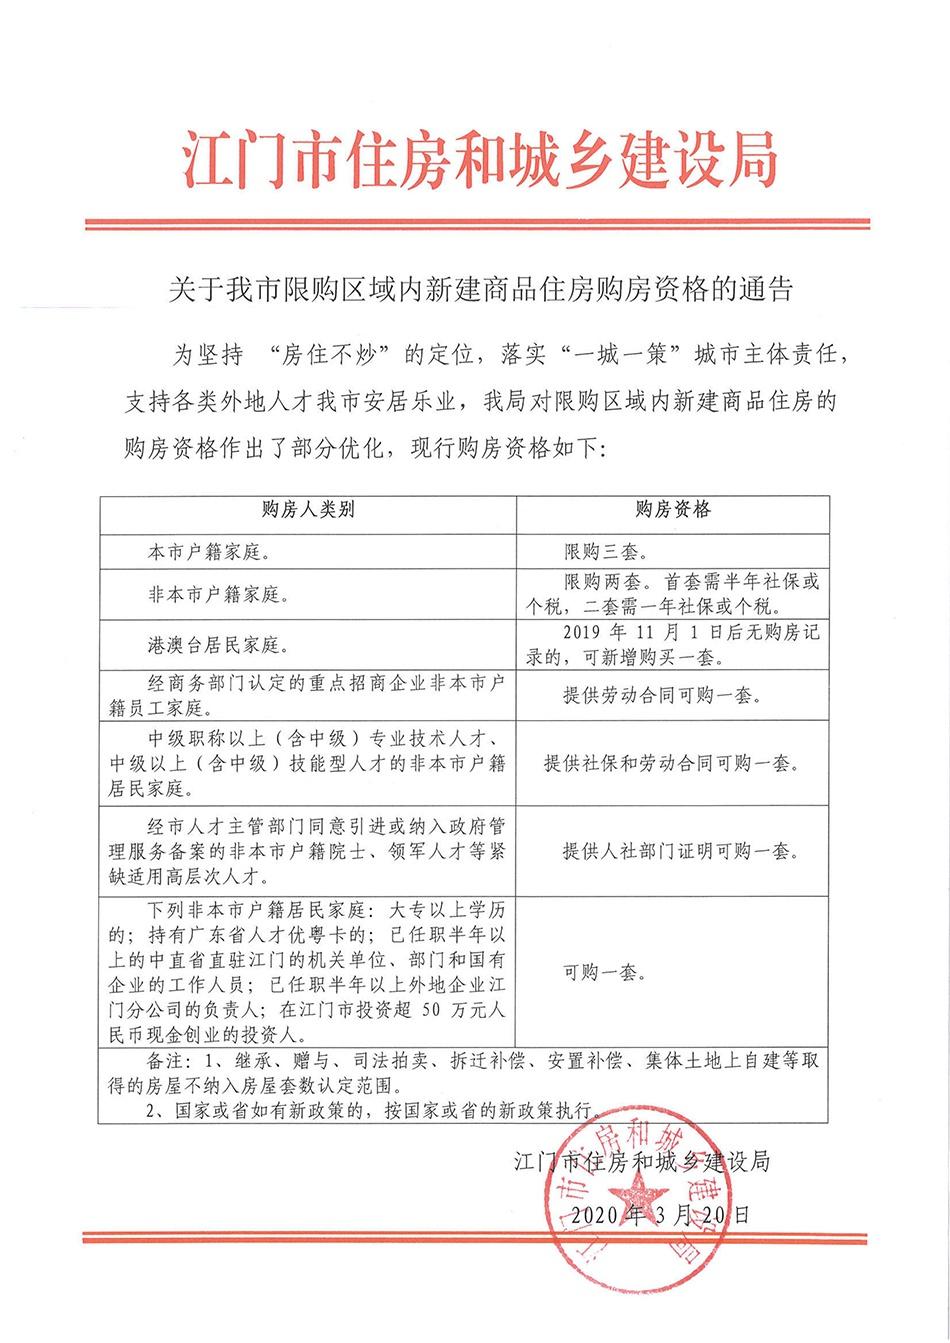 http://www.weixinrensheng.com/jiaoyu/1719512.html